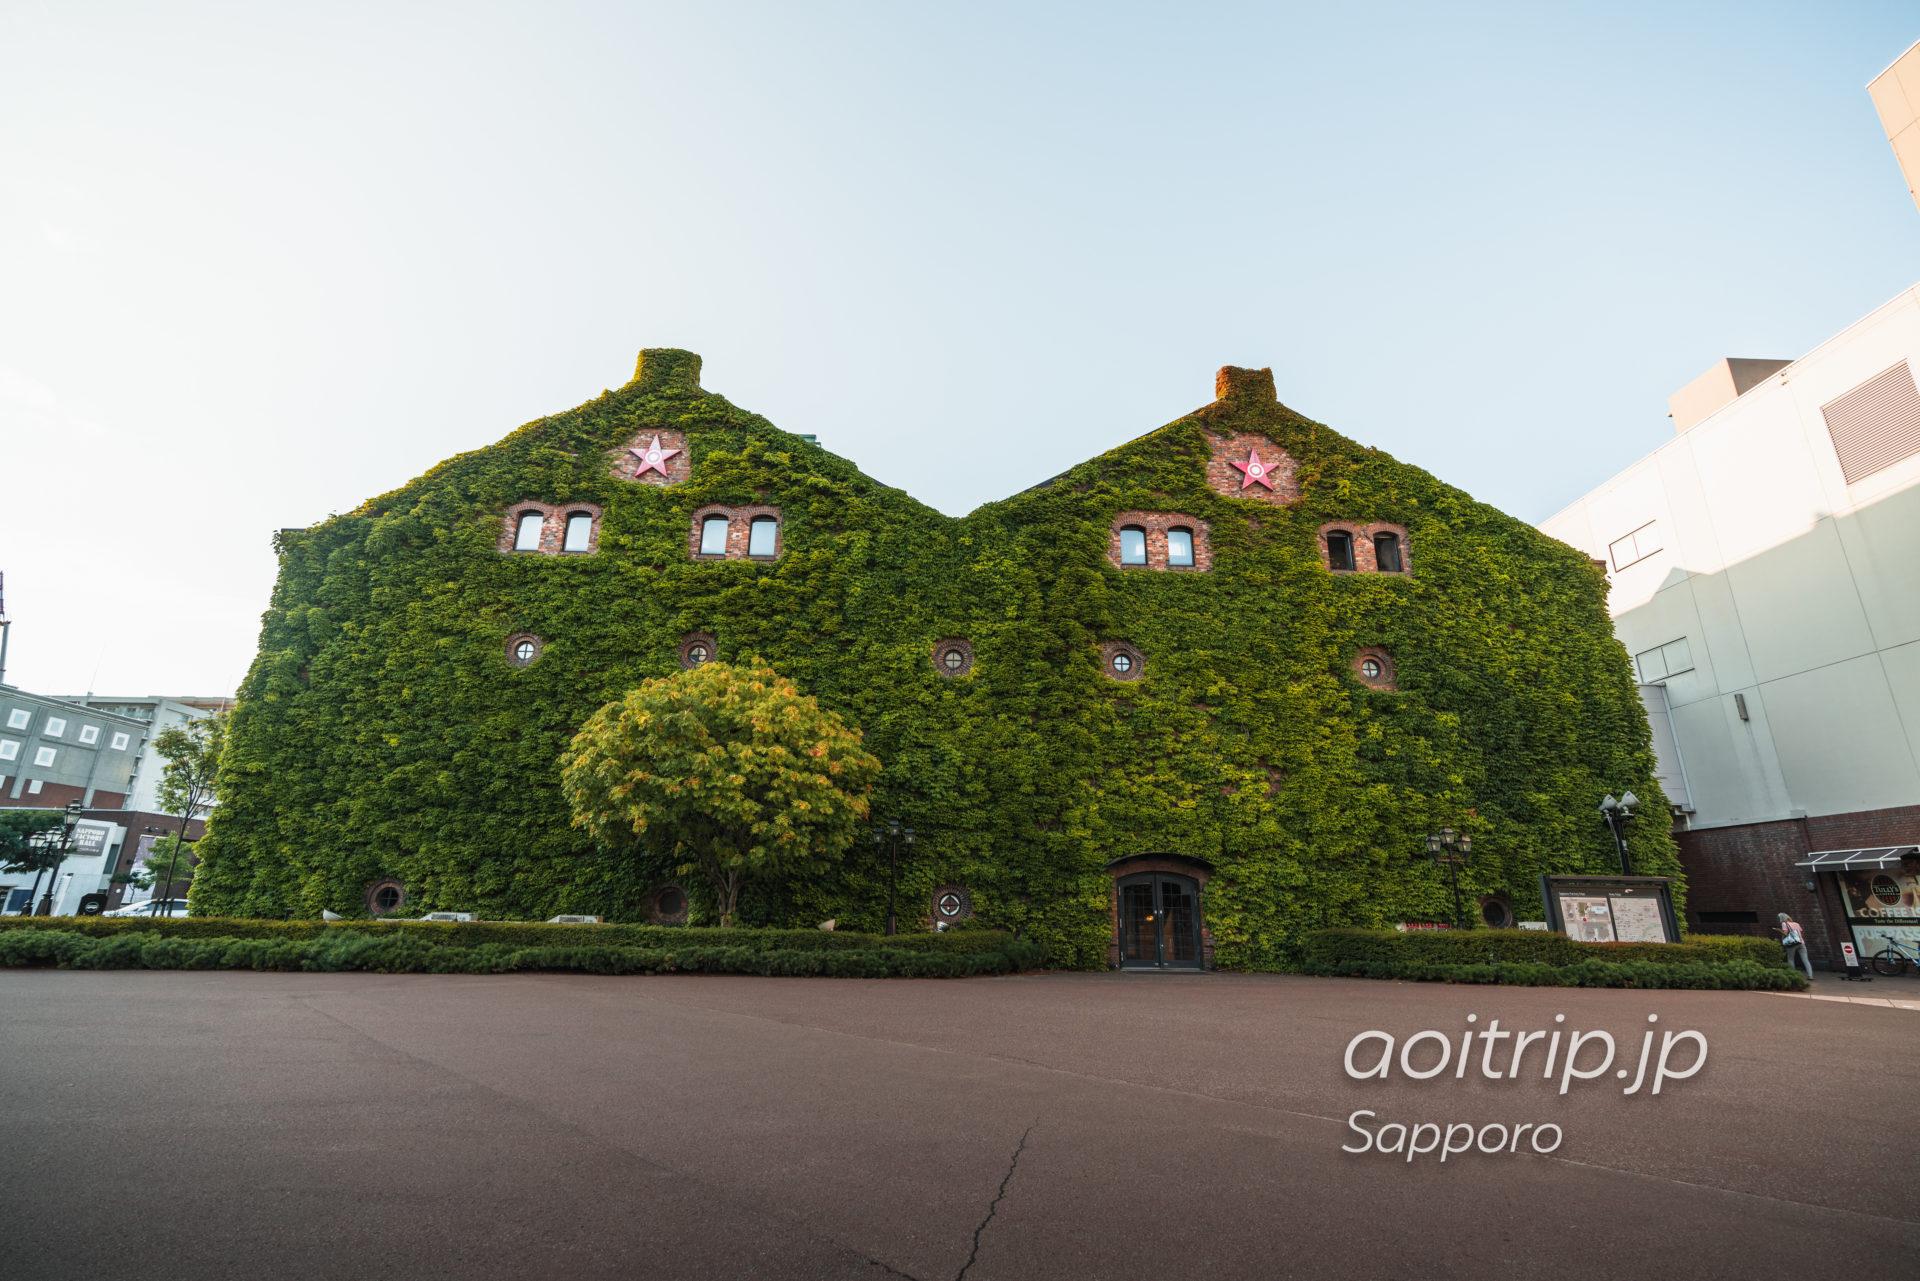 北海道の夏 サッポロファクトリー赤煉瓦館